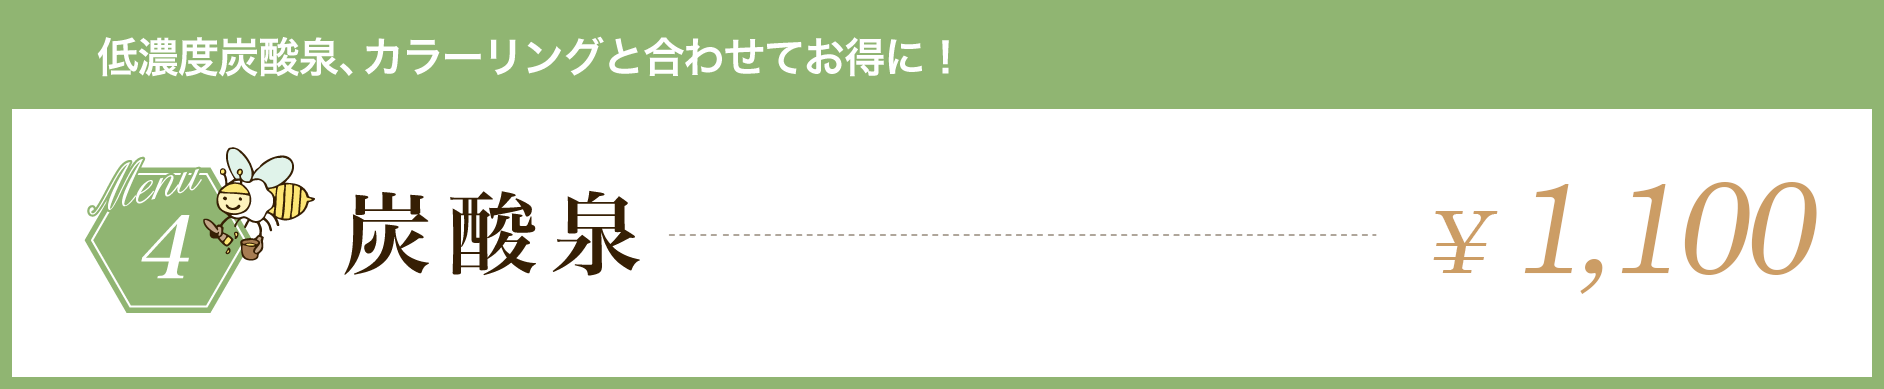 低濃度炭酸泉、カラーリングと合わせてお得に!炭酸泉¥1,000